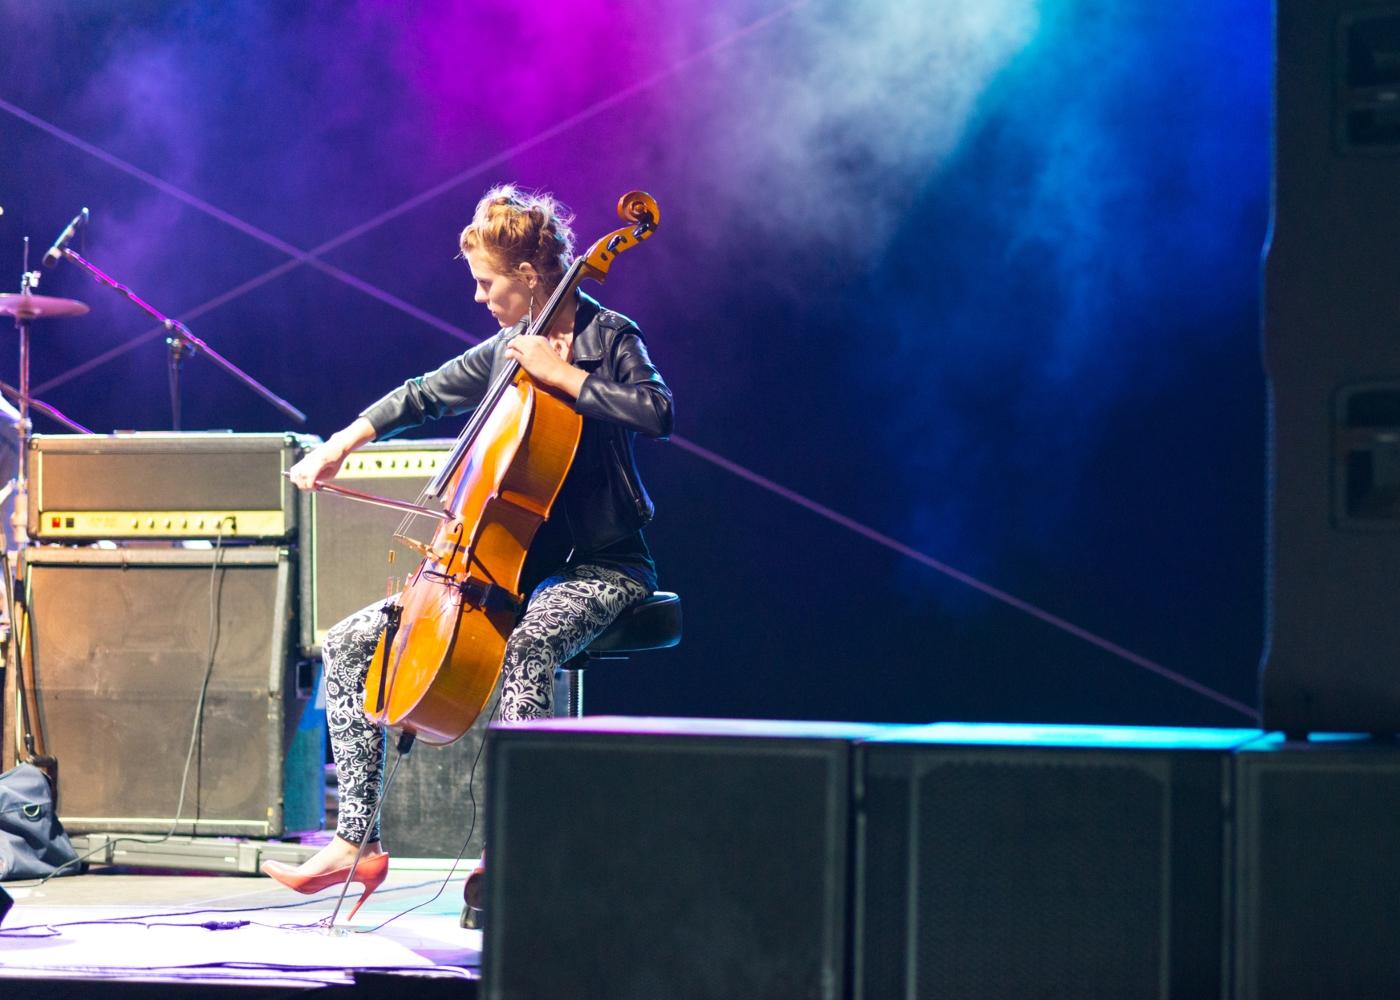 Mulher a tocar violoncelo em concerto ao vivo